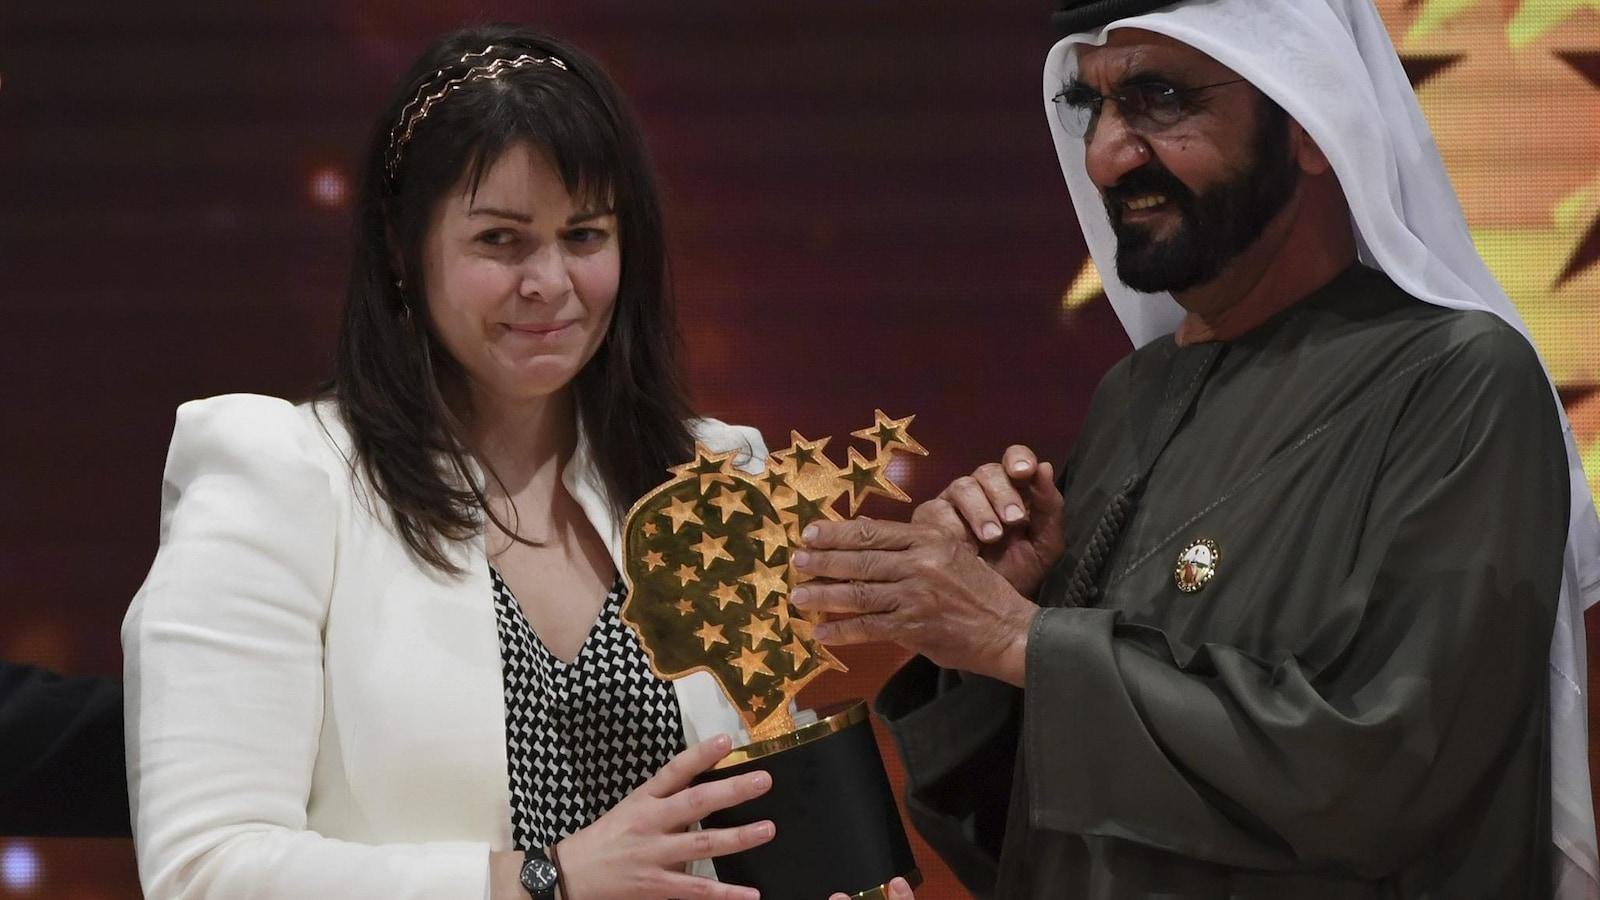 L'enseignante Maggie MacDonnell reçoit son prix des mains de Sheikh Mohammed bin Rashid Al Maktoum